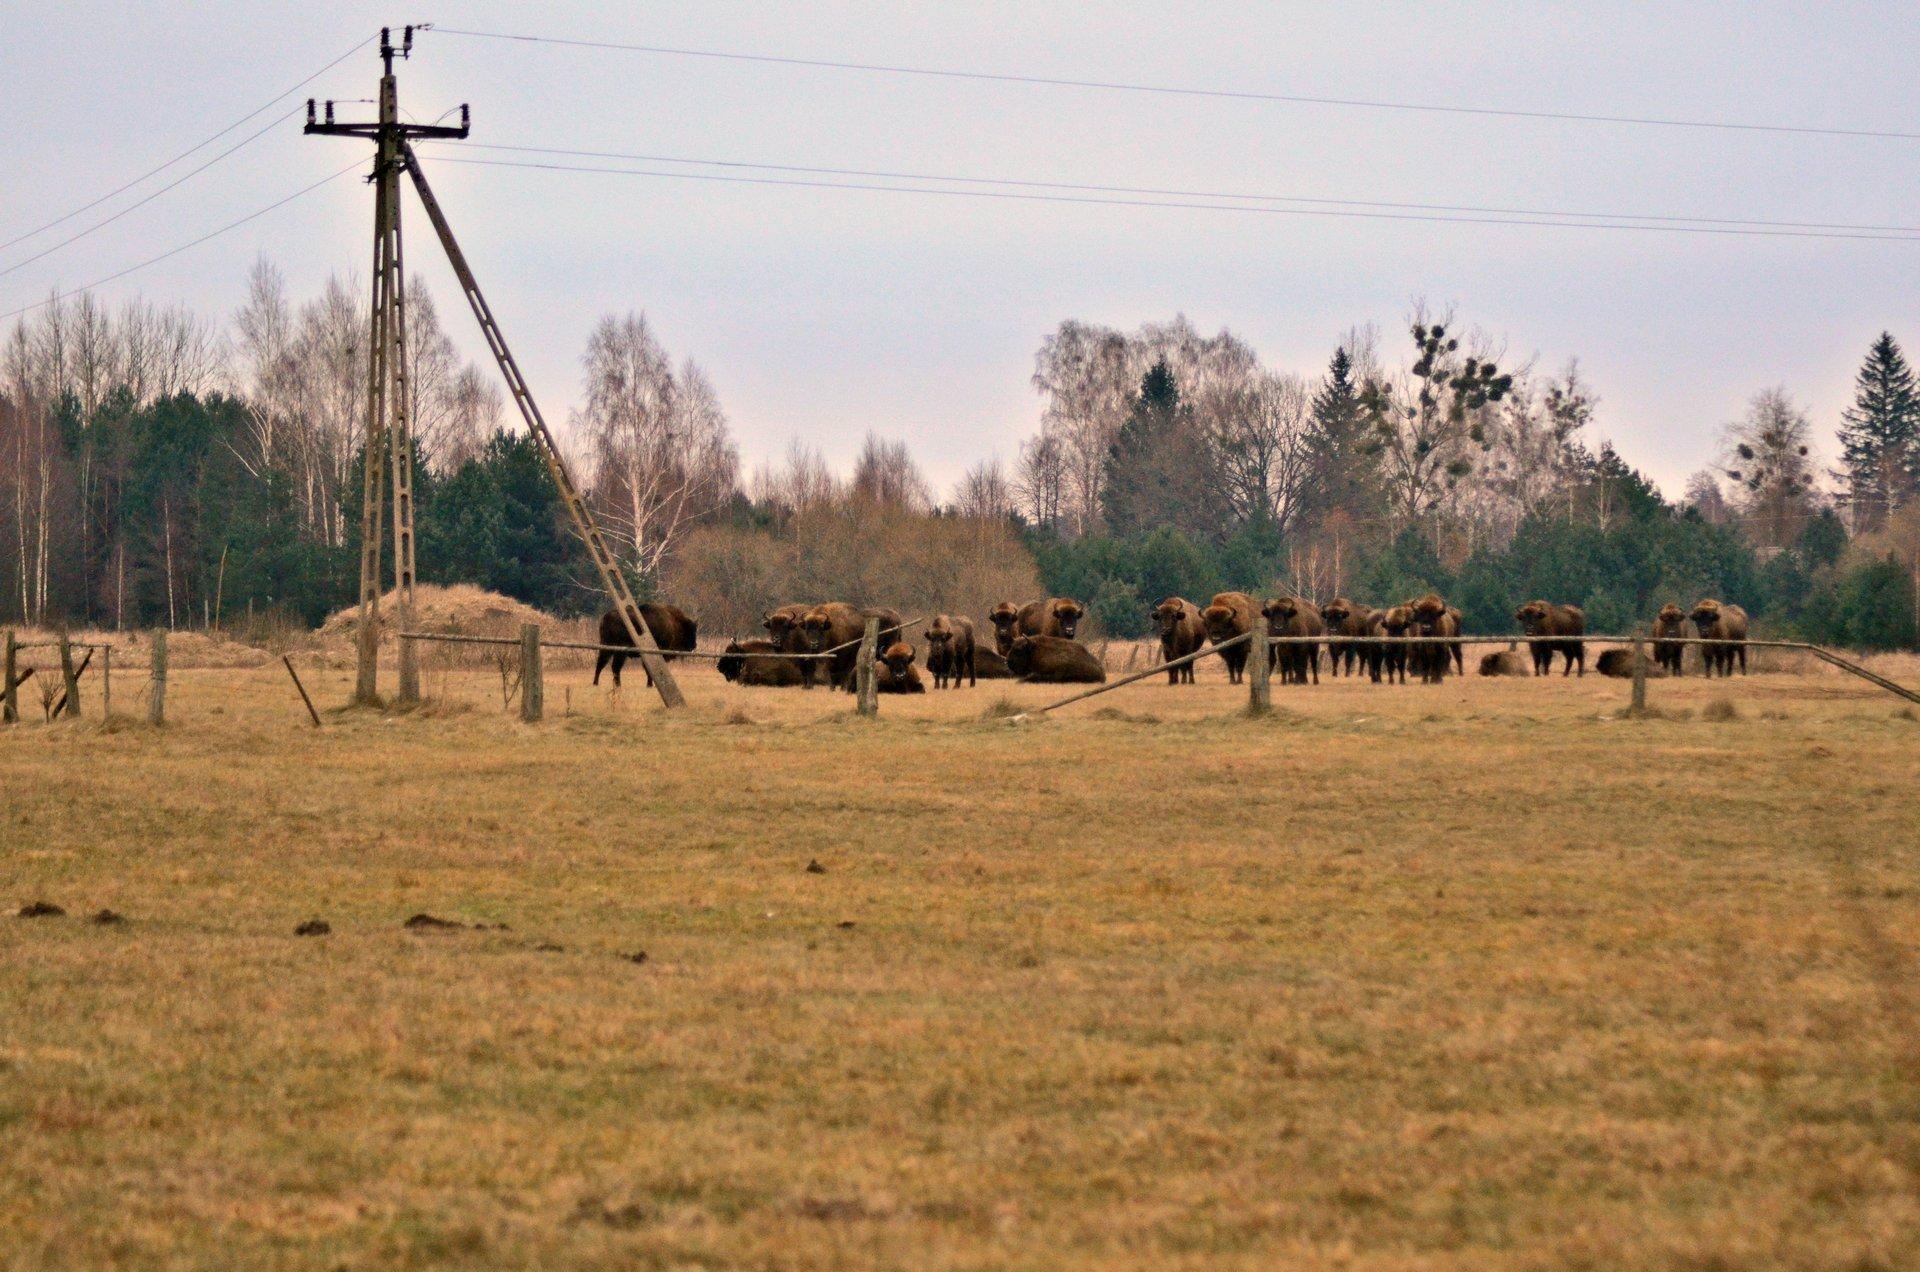 żubr żubry Puszcza Białowieska Siemianówka zimafree photo darmowe zdjęcie